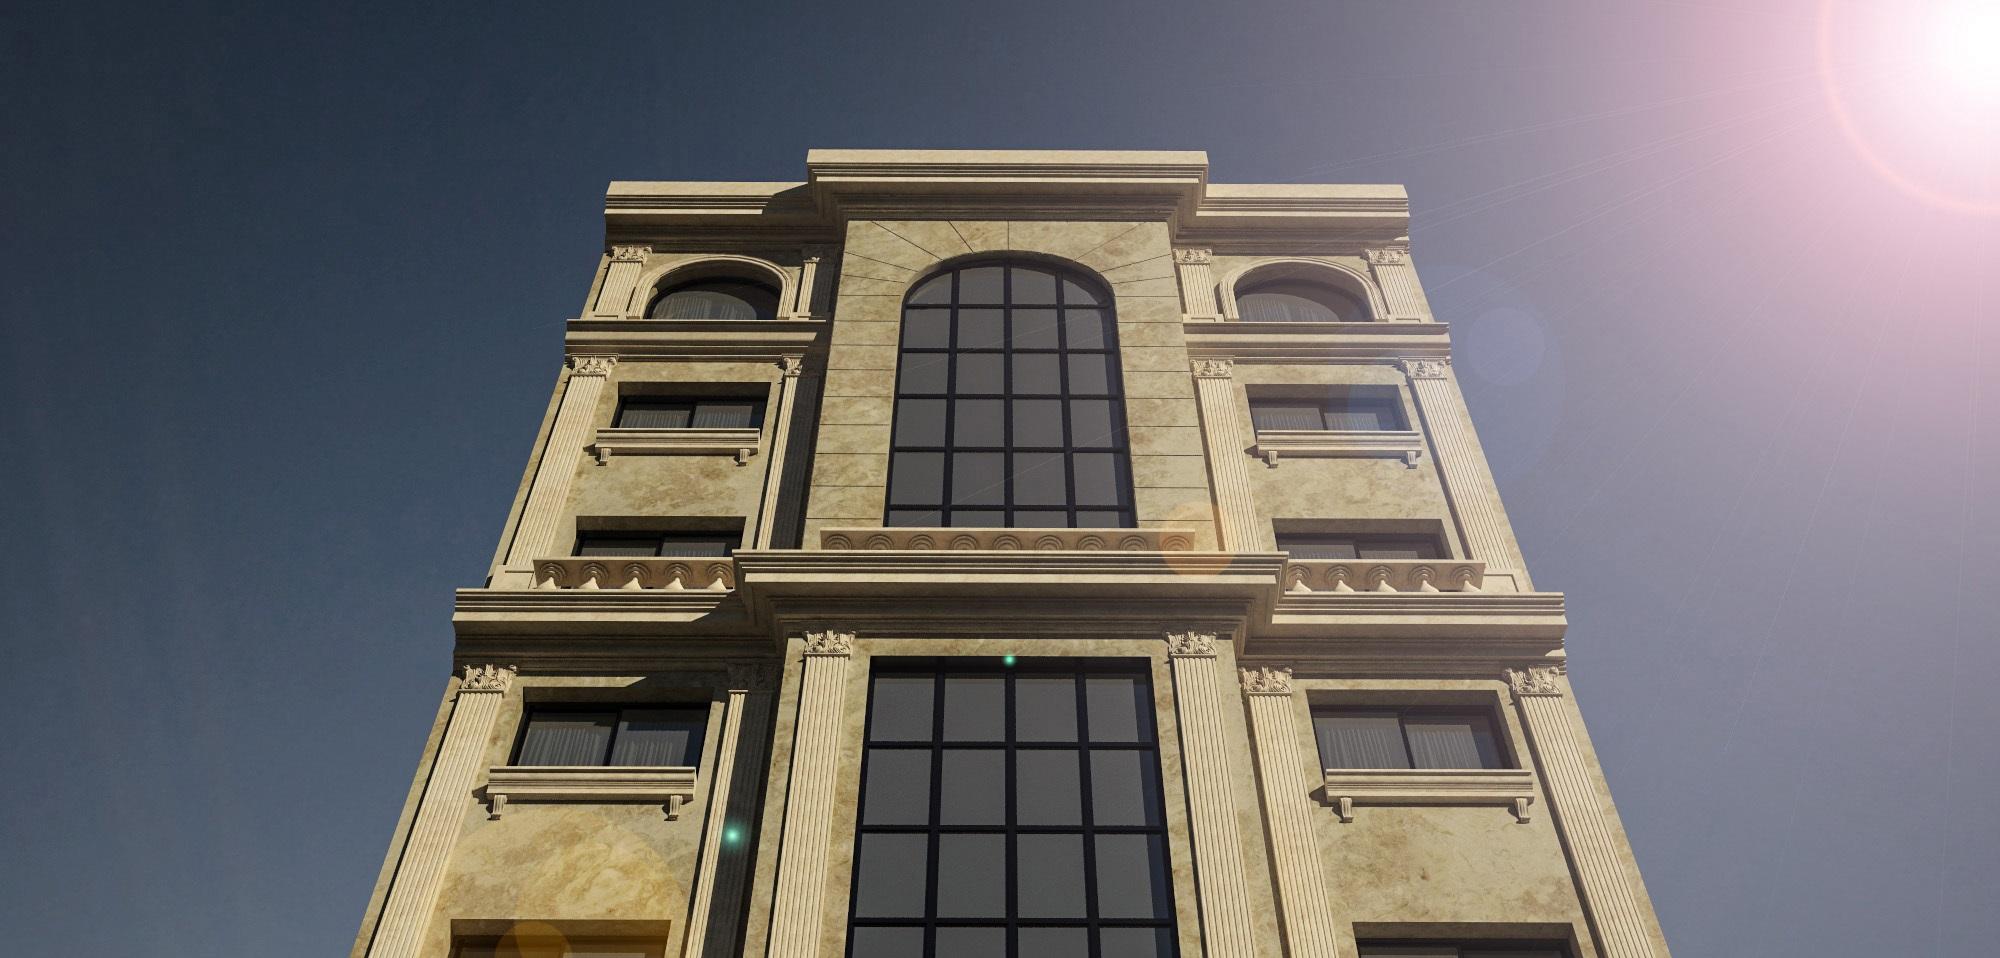 نمای رومی ساختمان یک طبقه